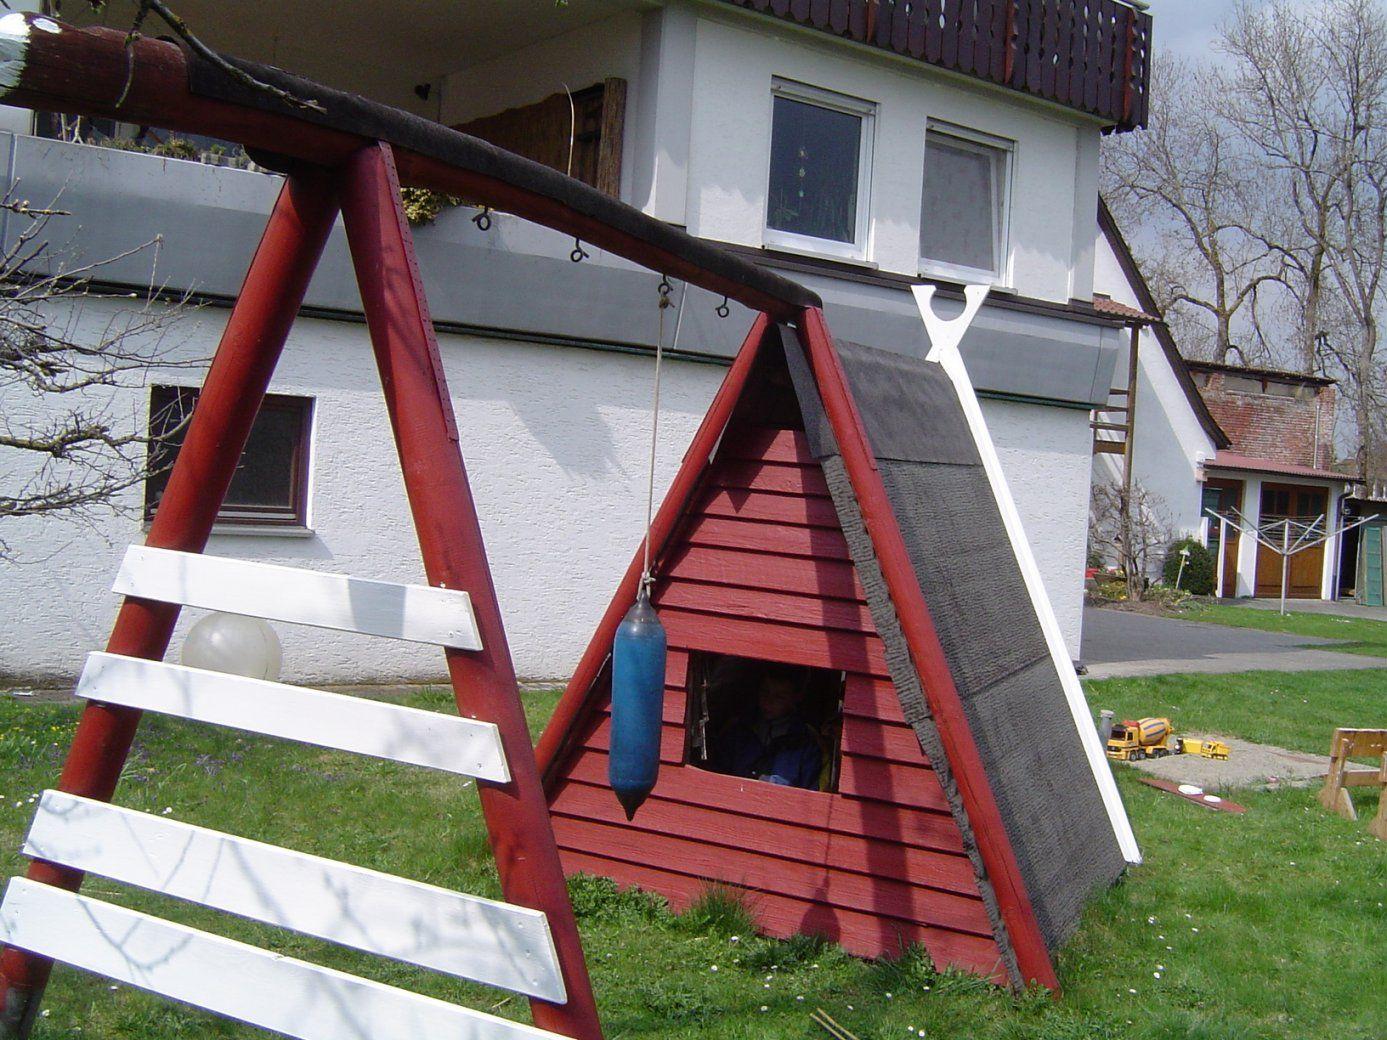 Spielhaus Selber Bauen – Interior Design Ideen Architektur Und von Spielhaus Kinder Selber Bauen Bild